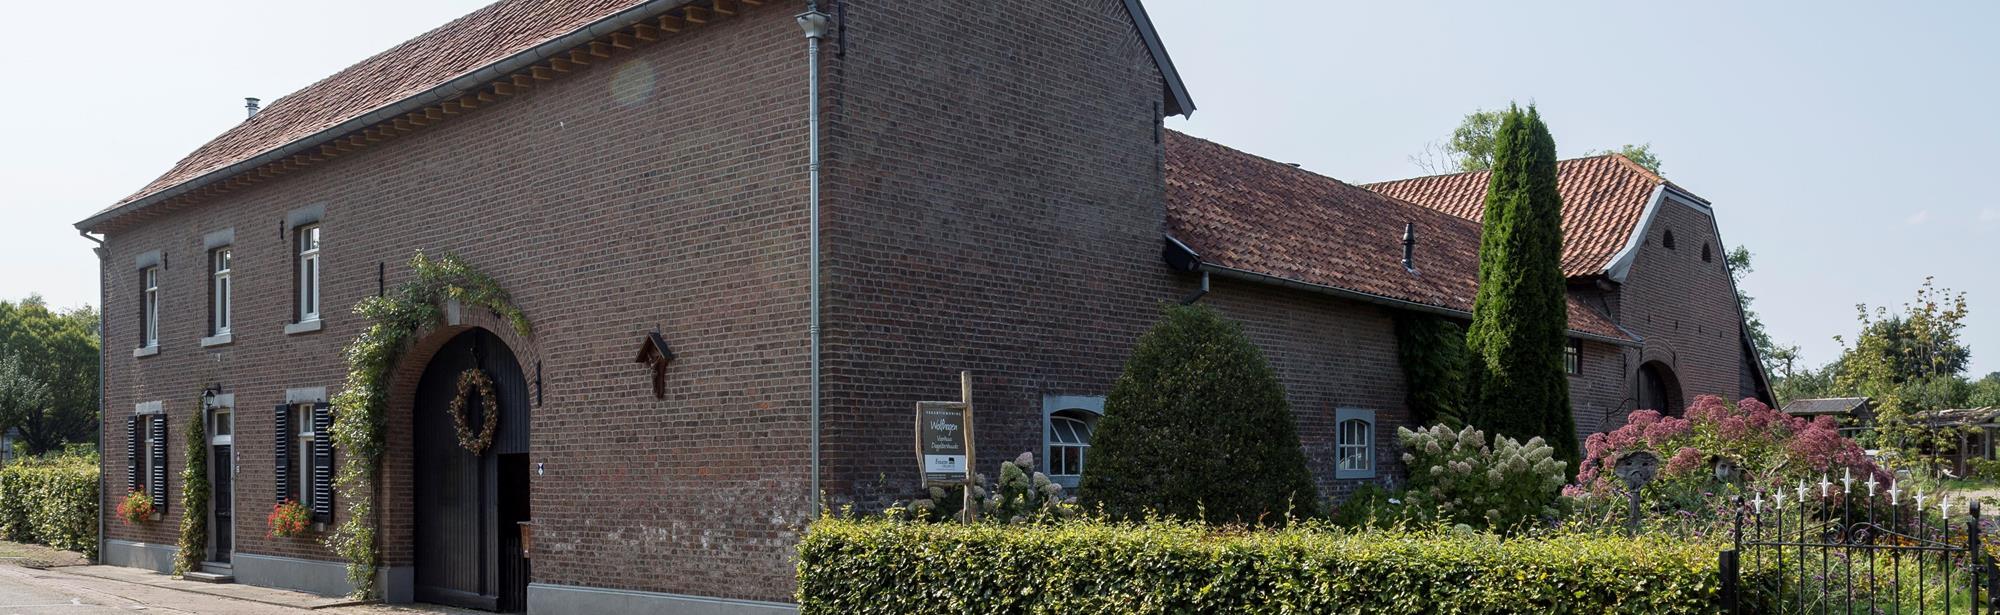 Wolfhagen Voorhuus (XL)